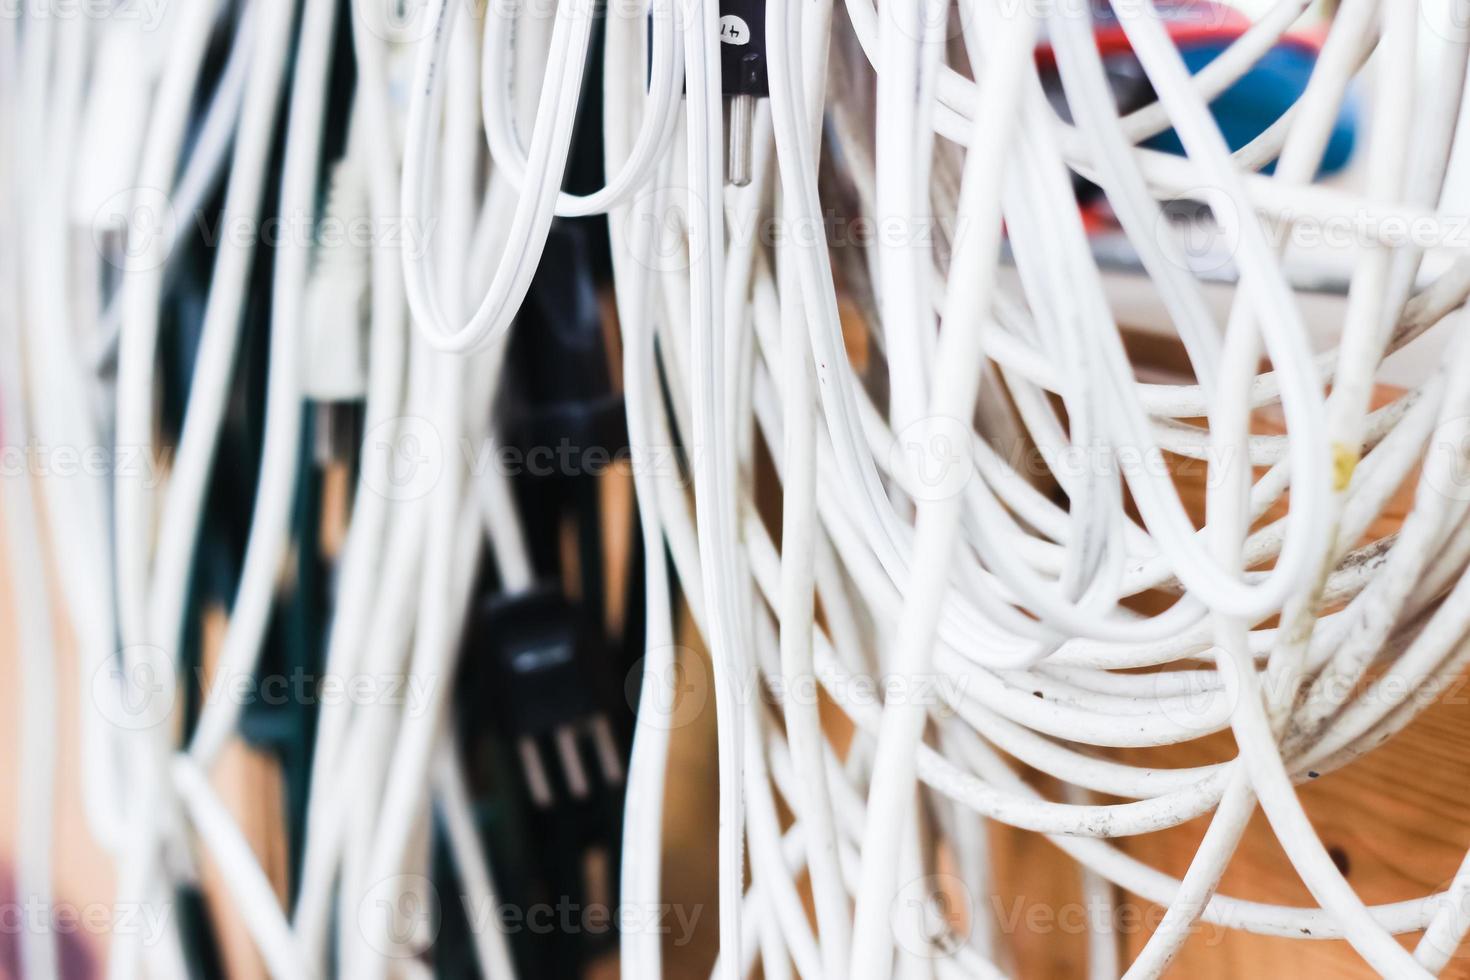 cables desordenados foto